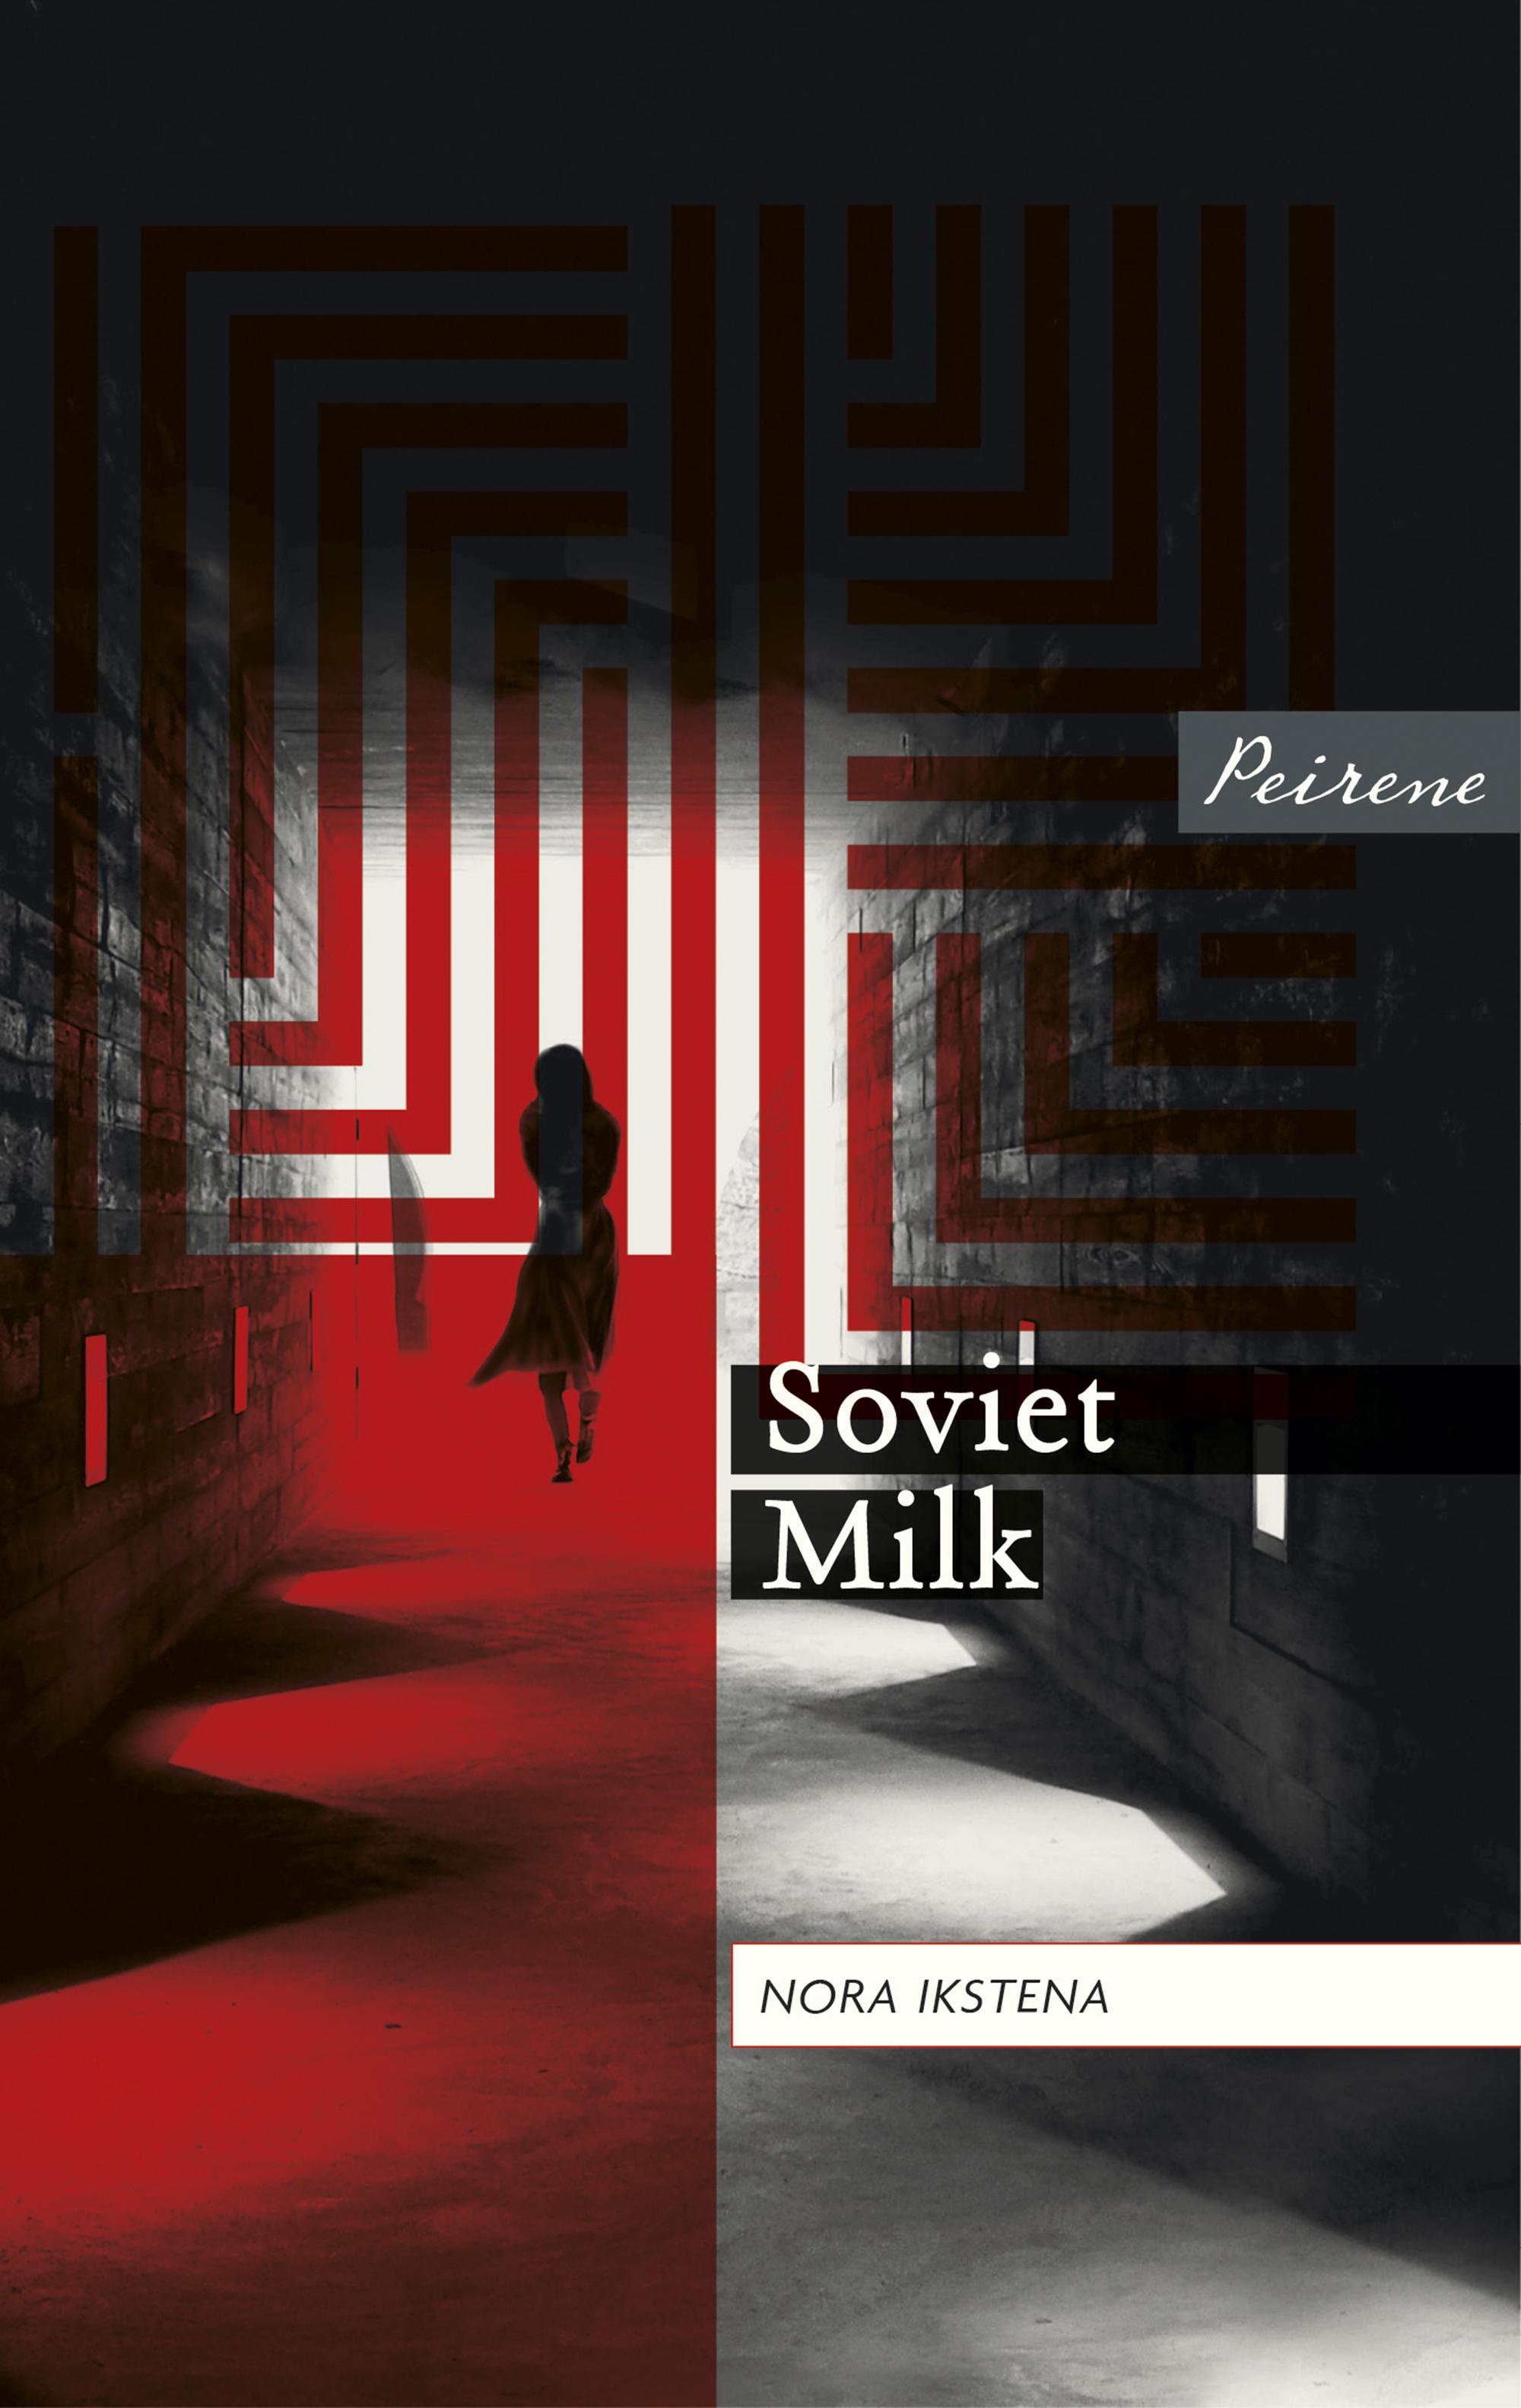 Soviet Milk by Nora Ikstena (tr. Margita Gailitis), Peirene Press